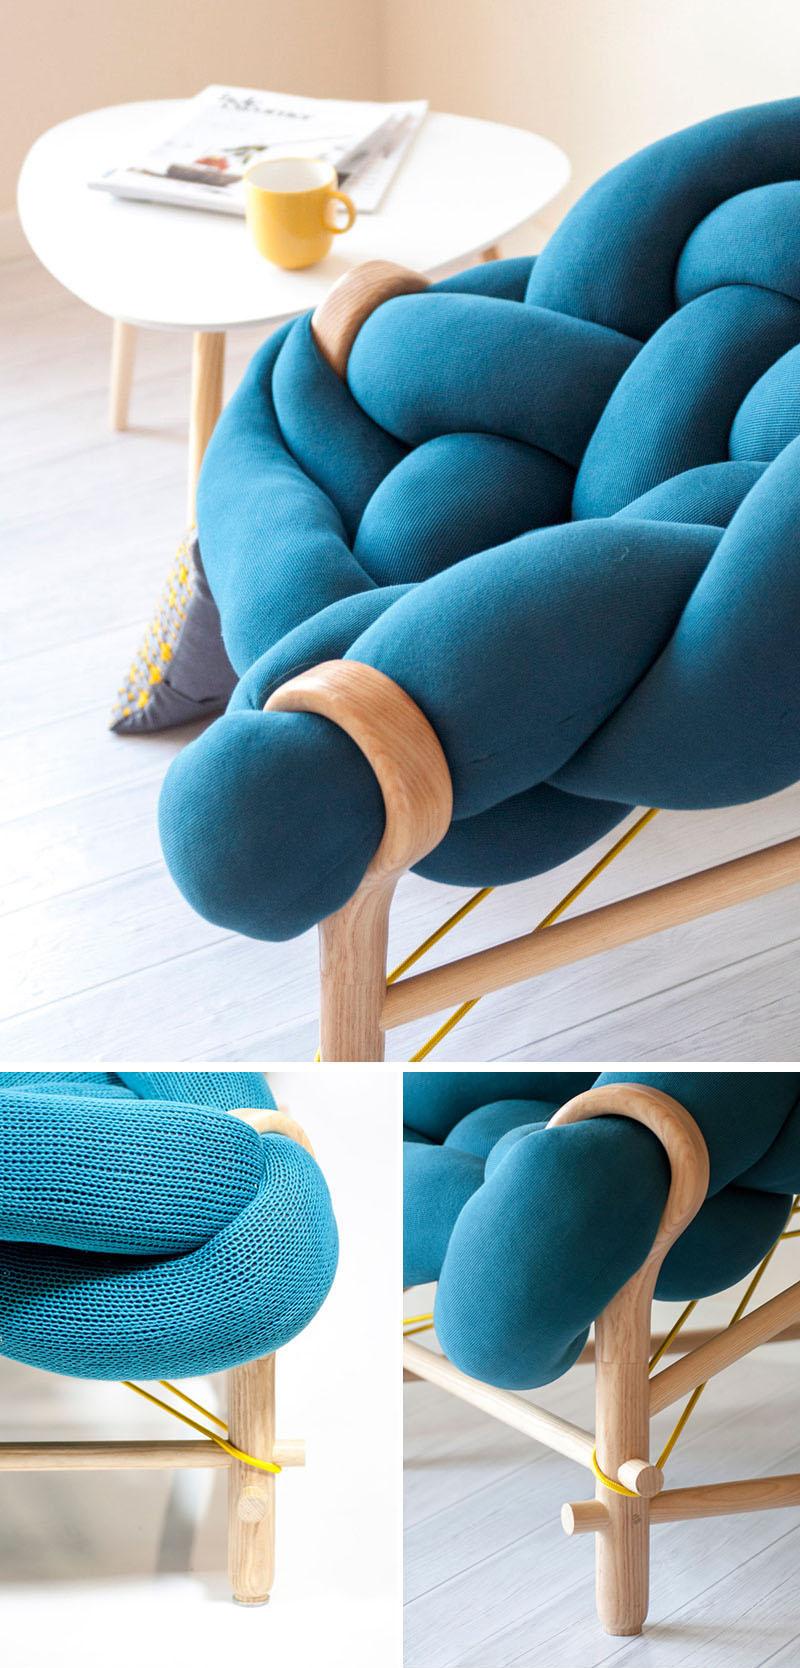 02-designer-combina-trico-e-tecelagem-com-formas-contemporaneas